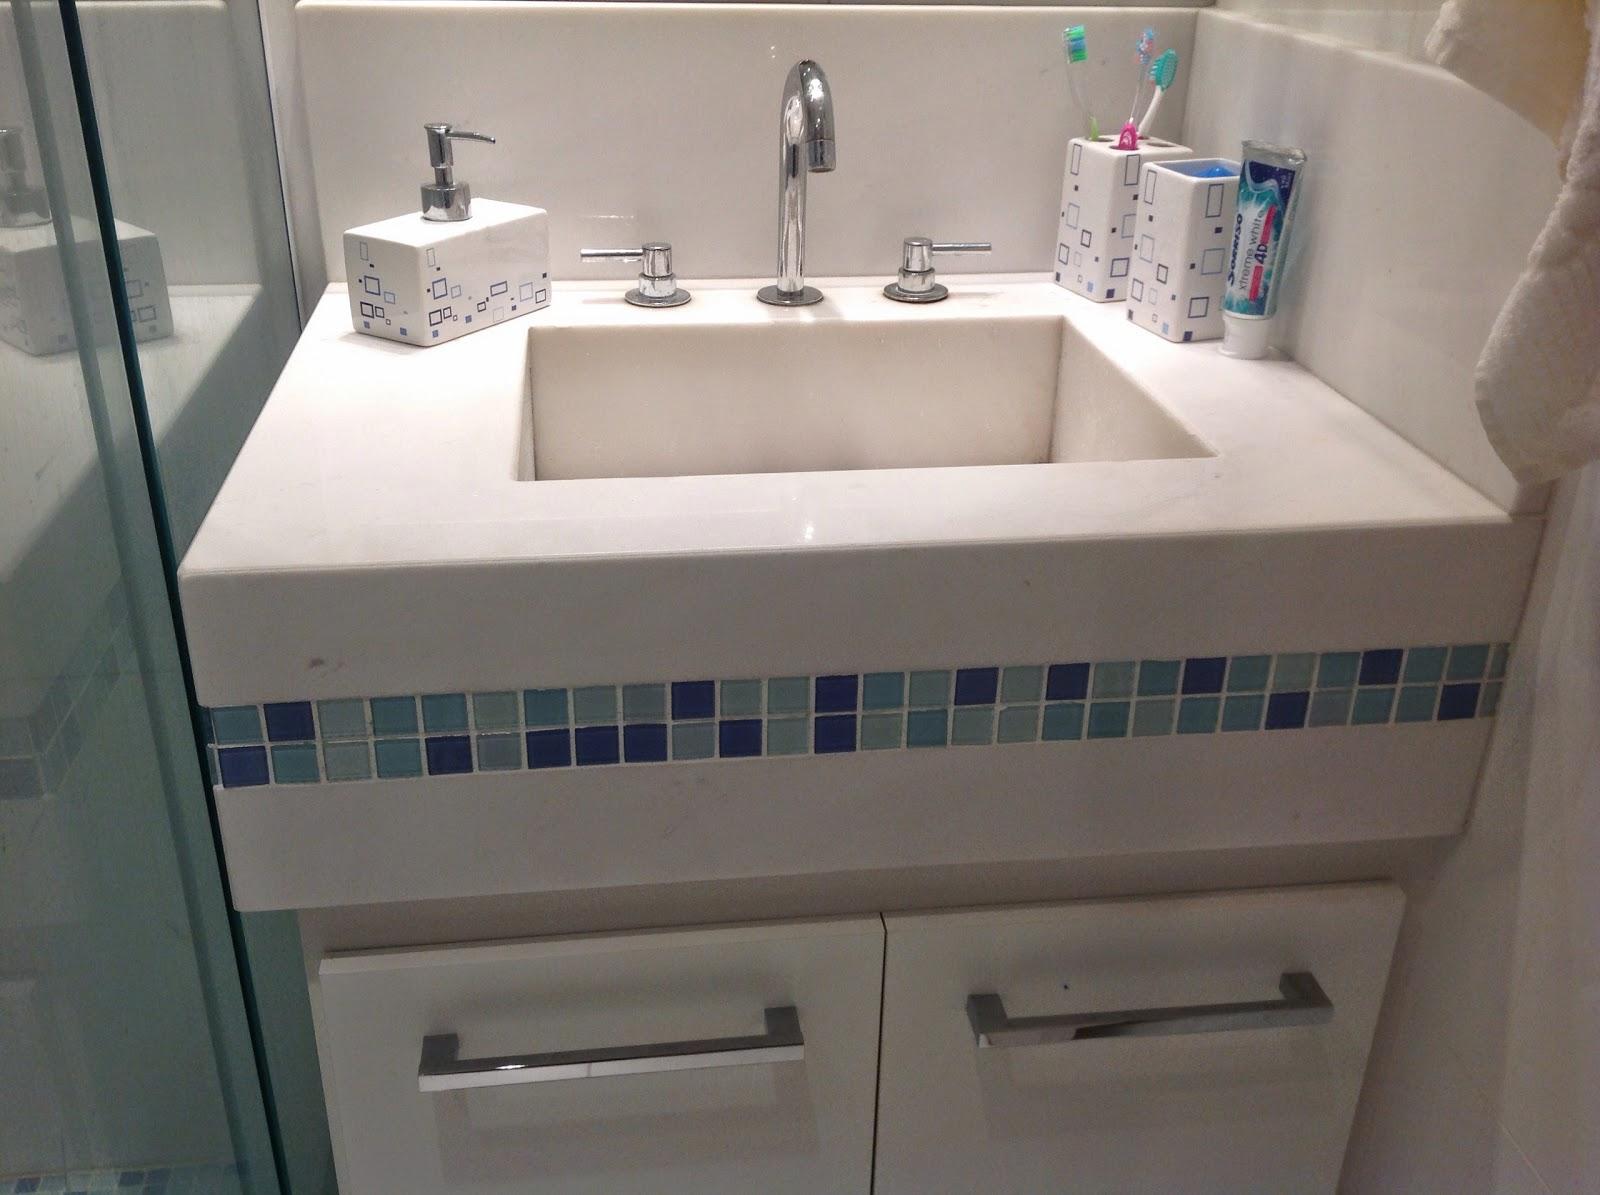 Imagens de #795F52 No nosso banheiro a idéia era para ser Nanoglass Simplesmente  1600x1195 px 3564 Bbb No Banheiro 2014